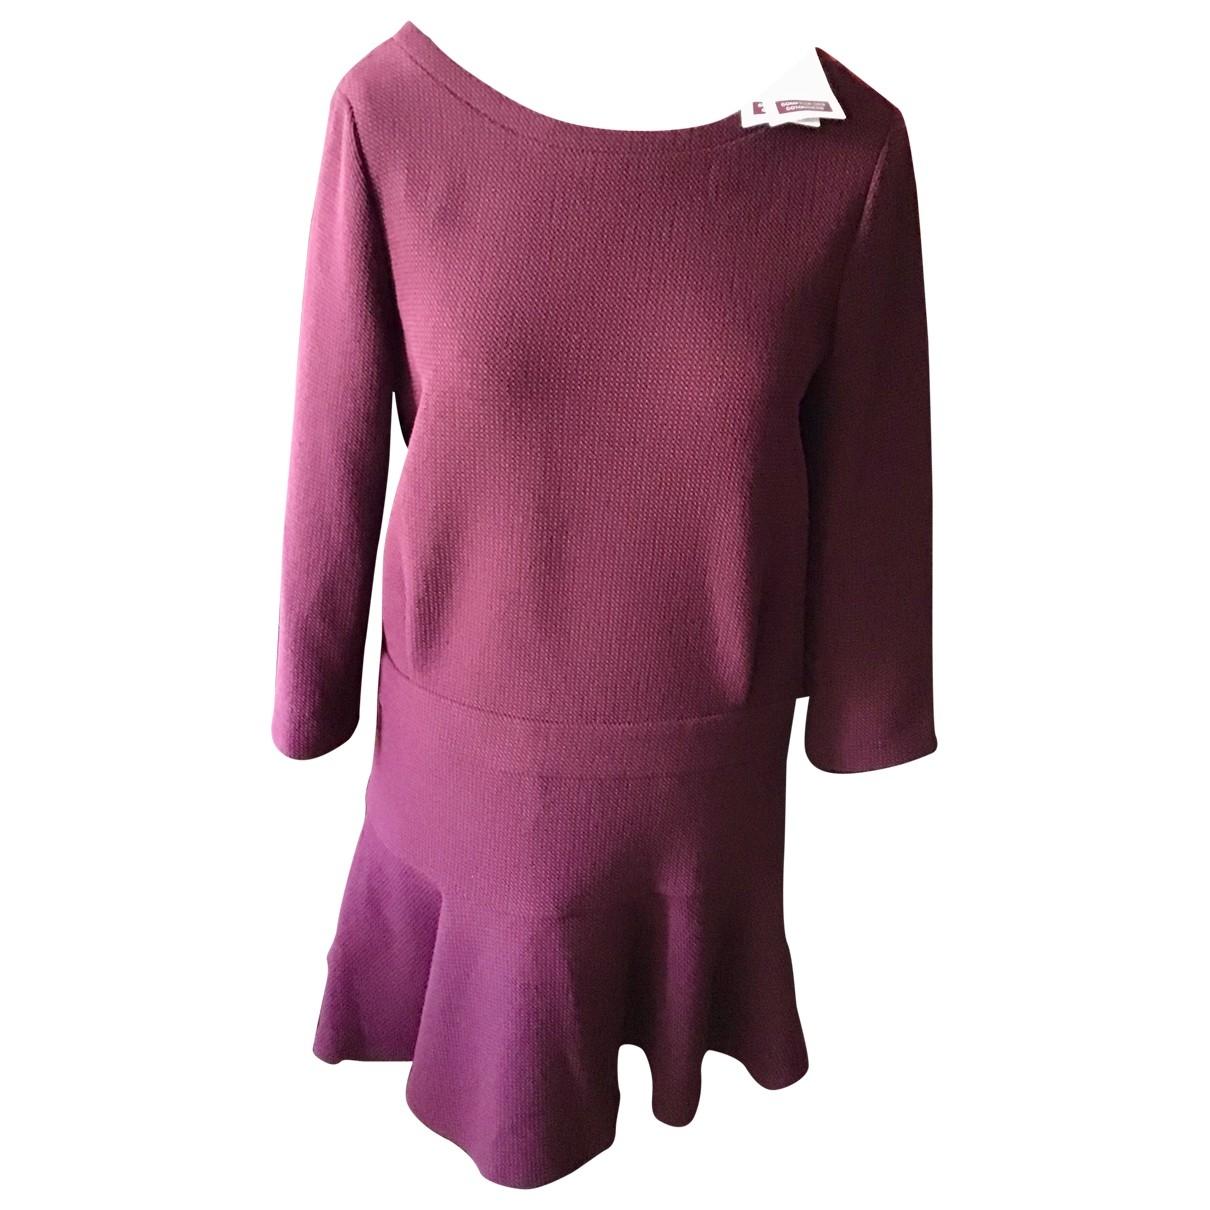 Comptoir Des Cotonniers \N Burgundy dress for Women 40 FR